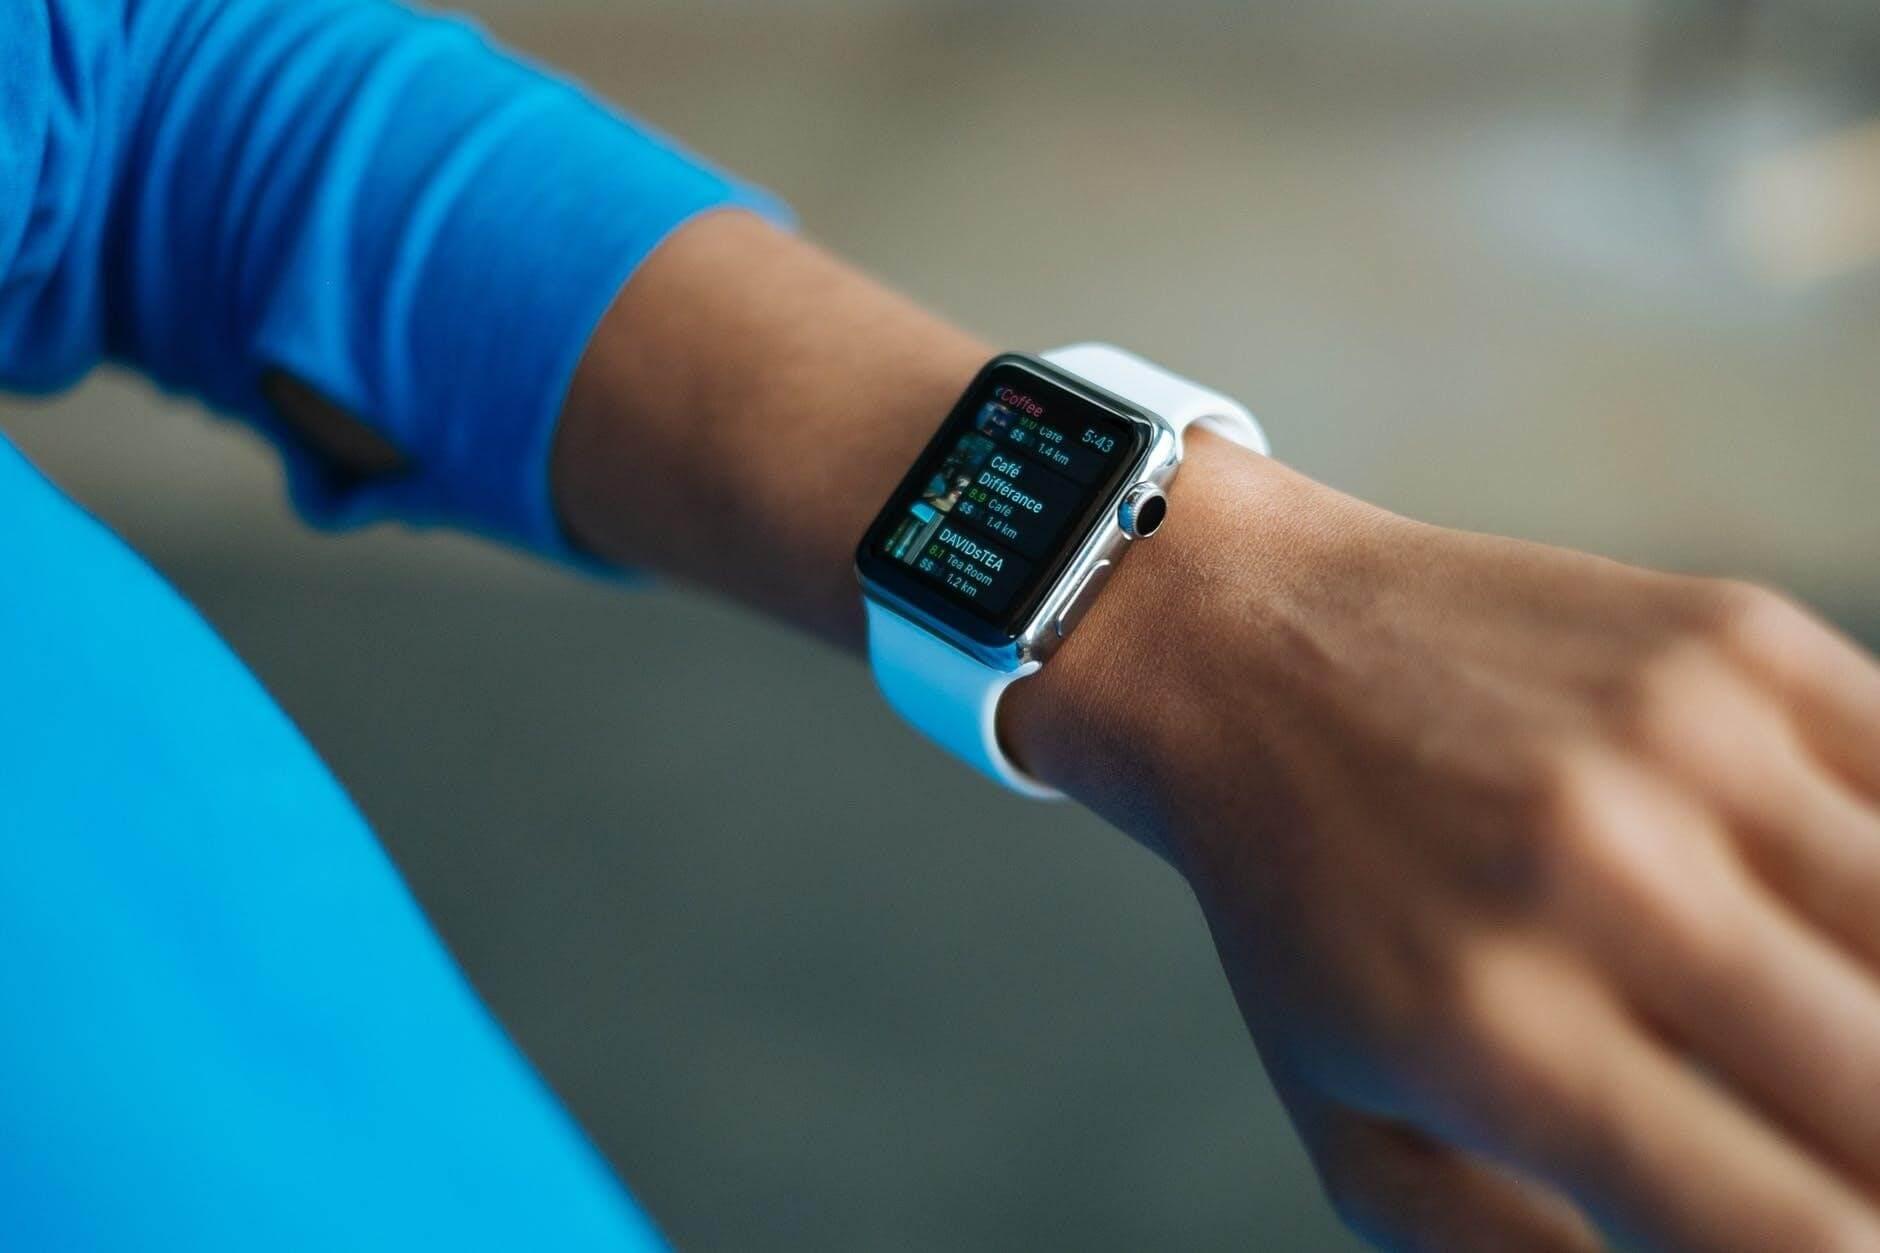 smartwatch-wearer